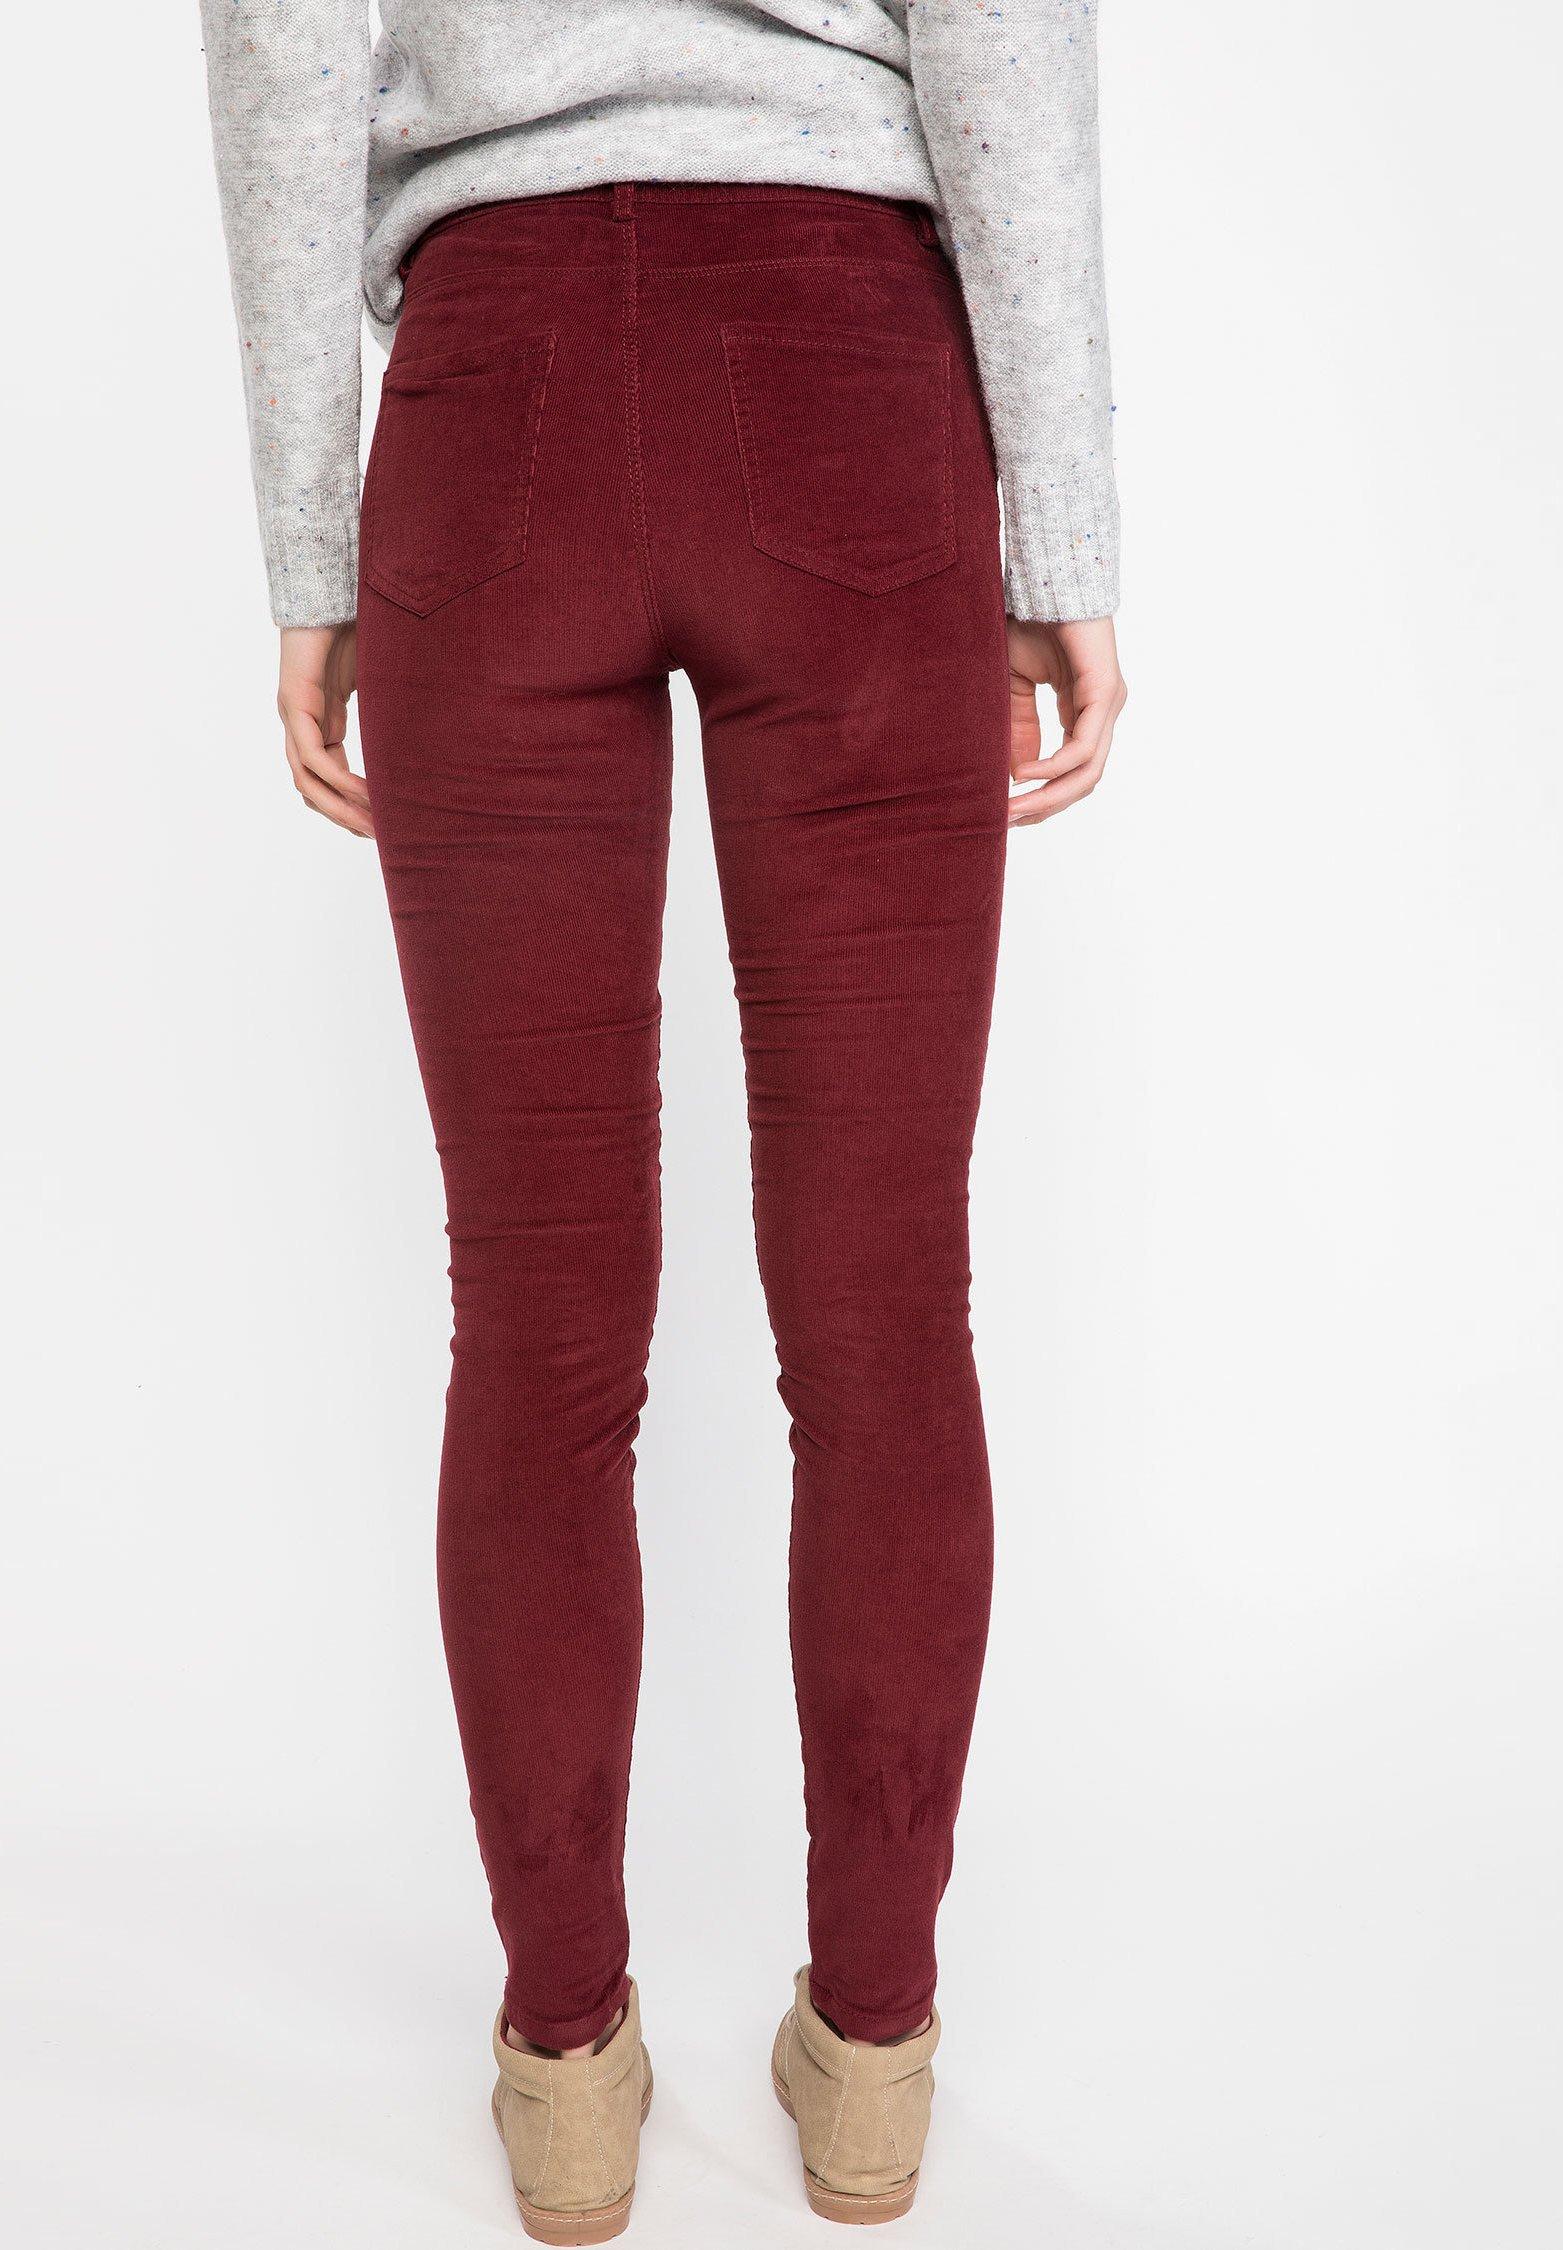 DeFacto Legging - bordeaux - Pantalons & Leggings Femme 5Kkb0